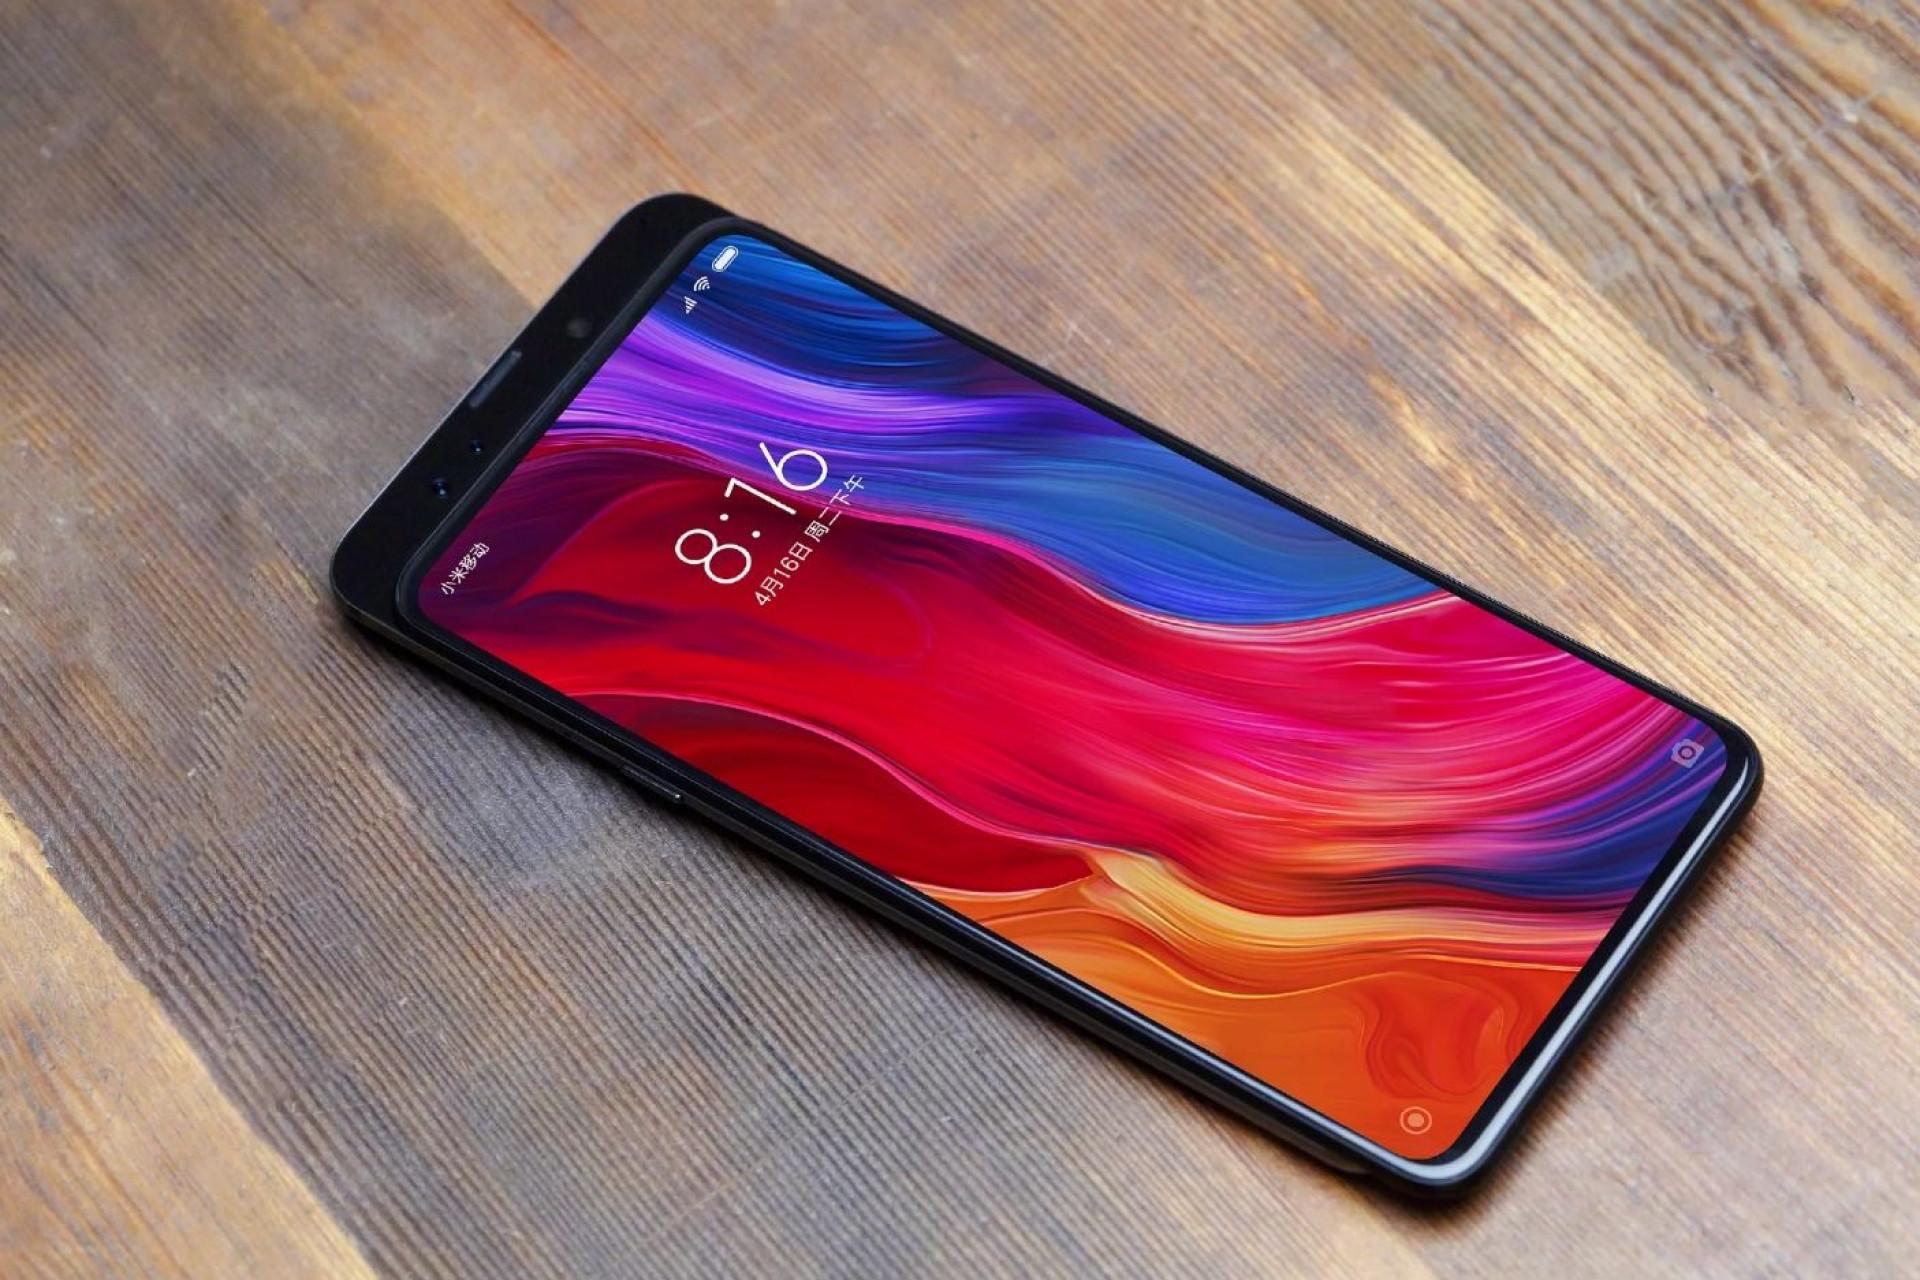 Foi partilhada imagem do ecrã do novo topo de gama da Xiaomi